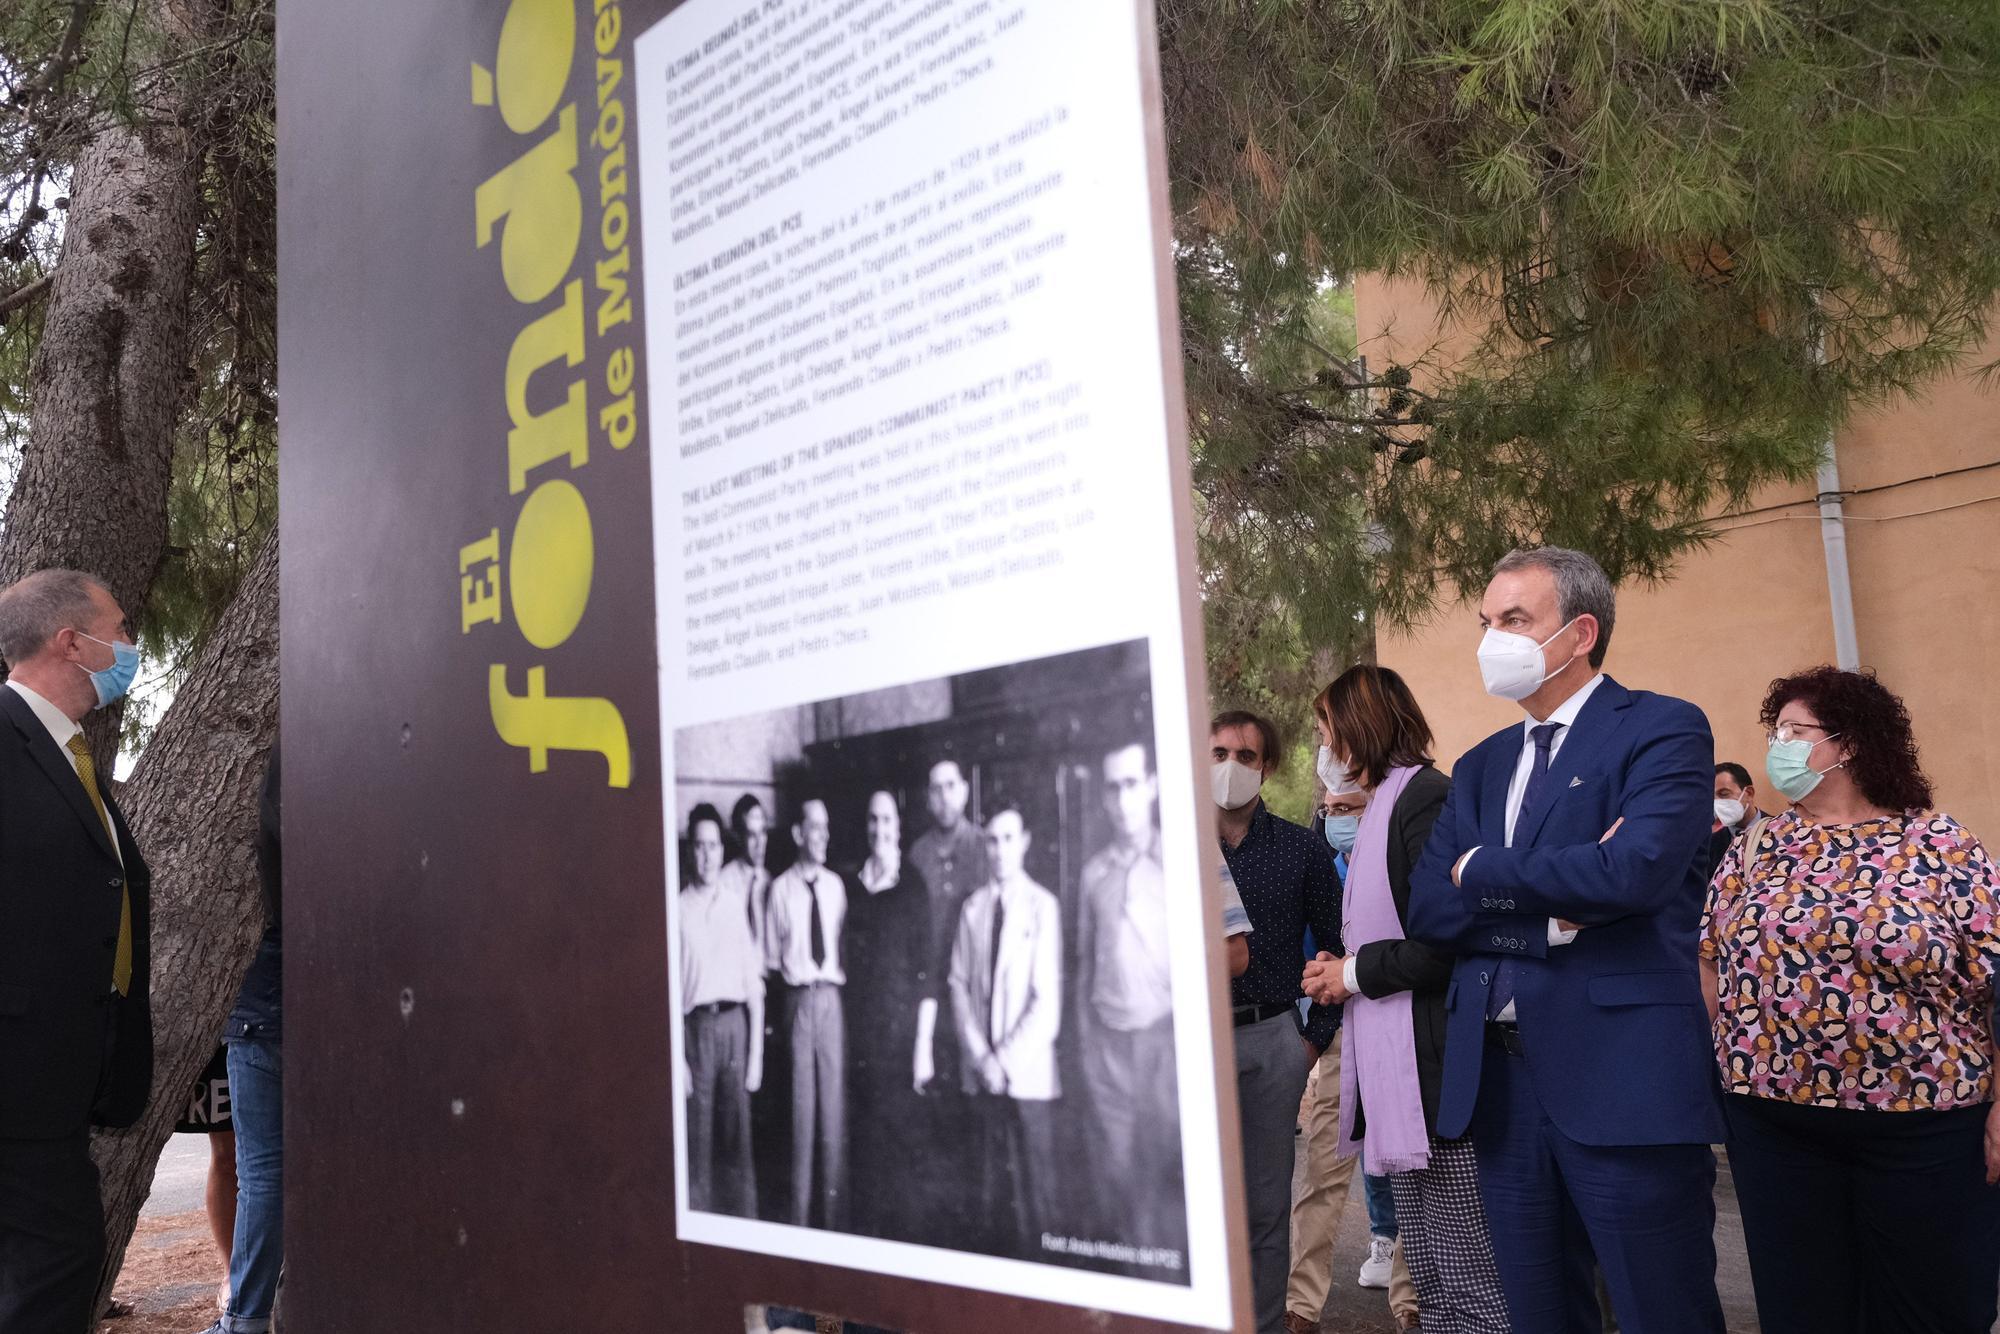 Visita del expresidente Jose Luis Rodríguez Zapatero al Fondó de Monóvar, última sede del gobierno Republicano